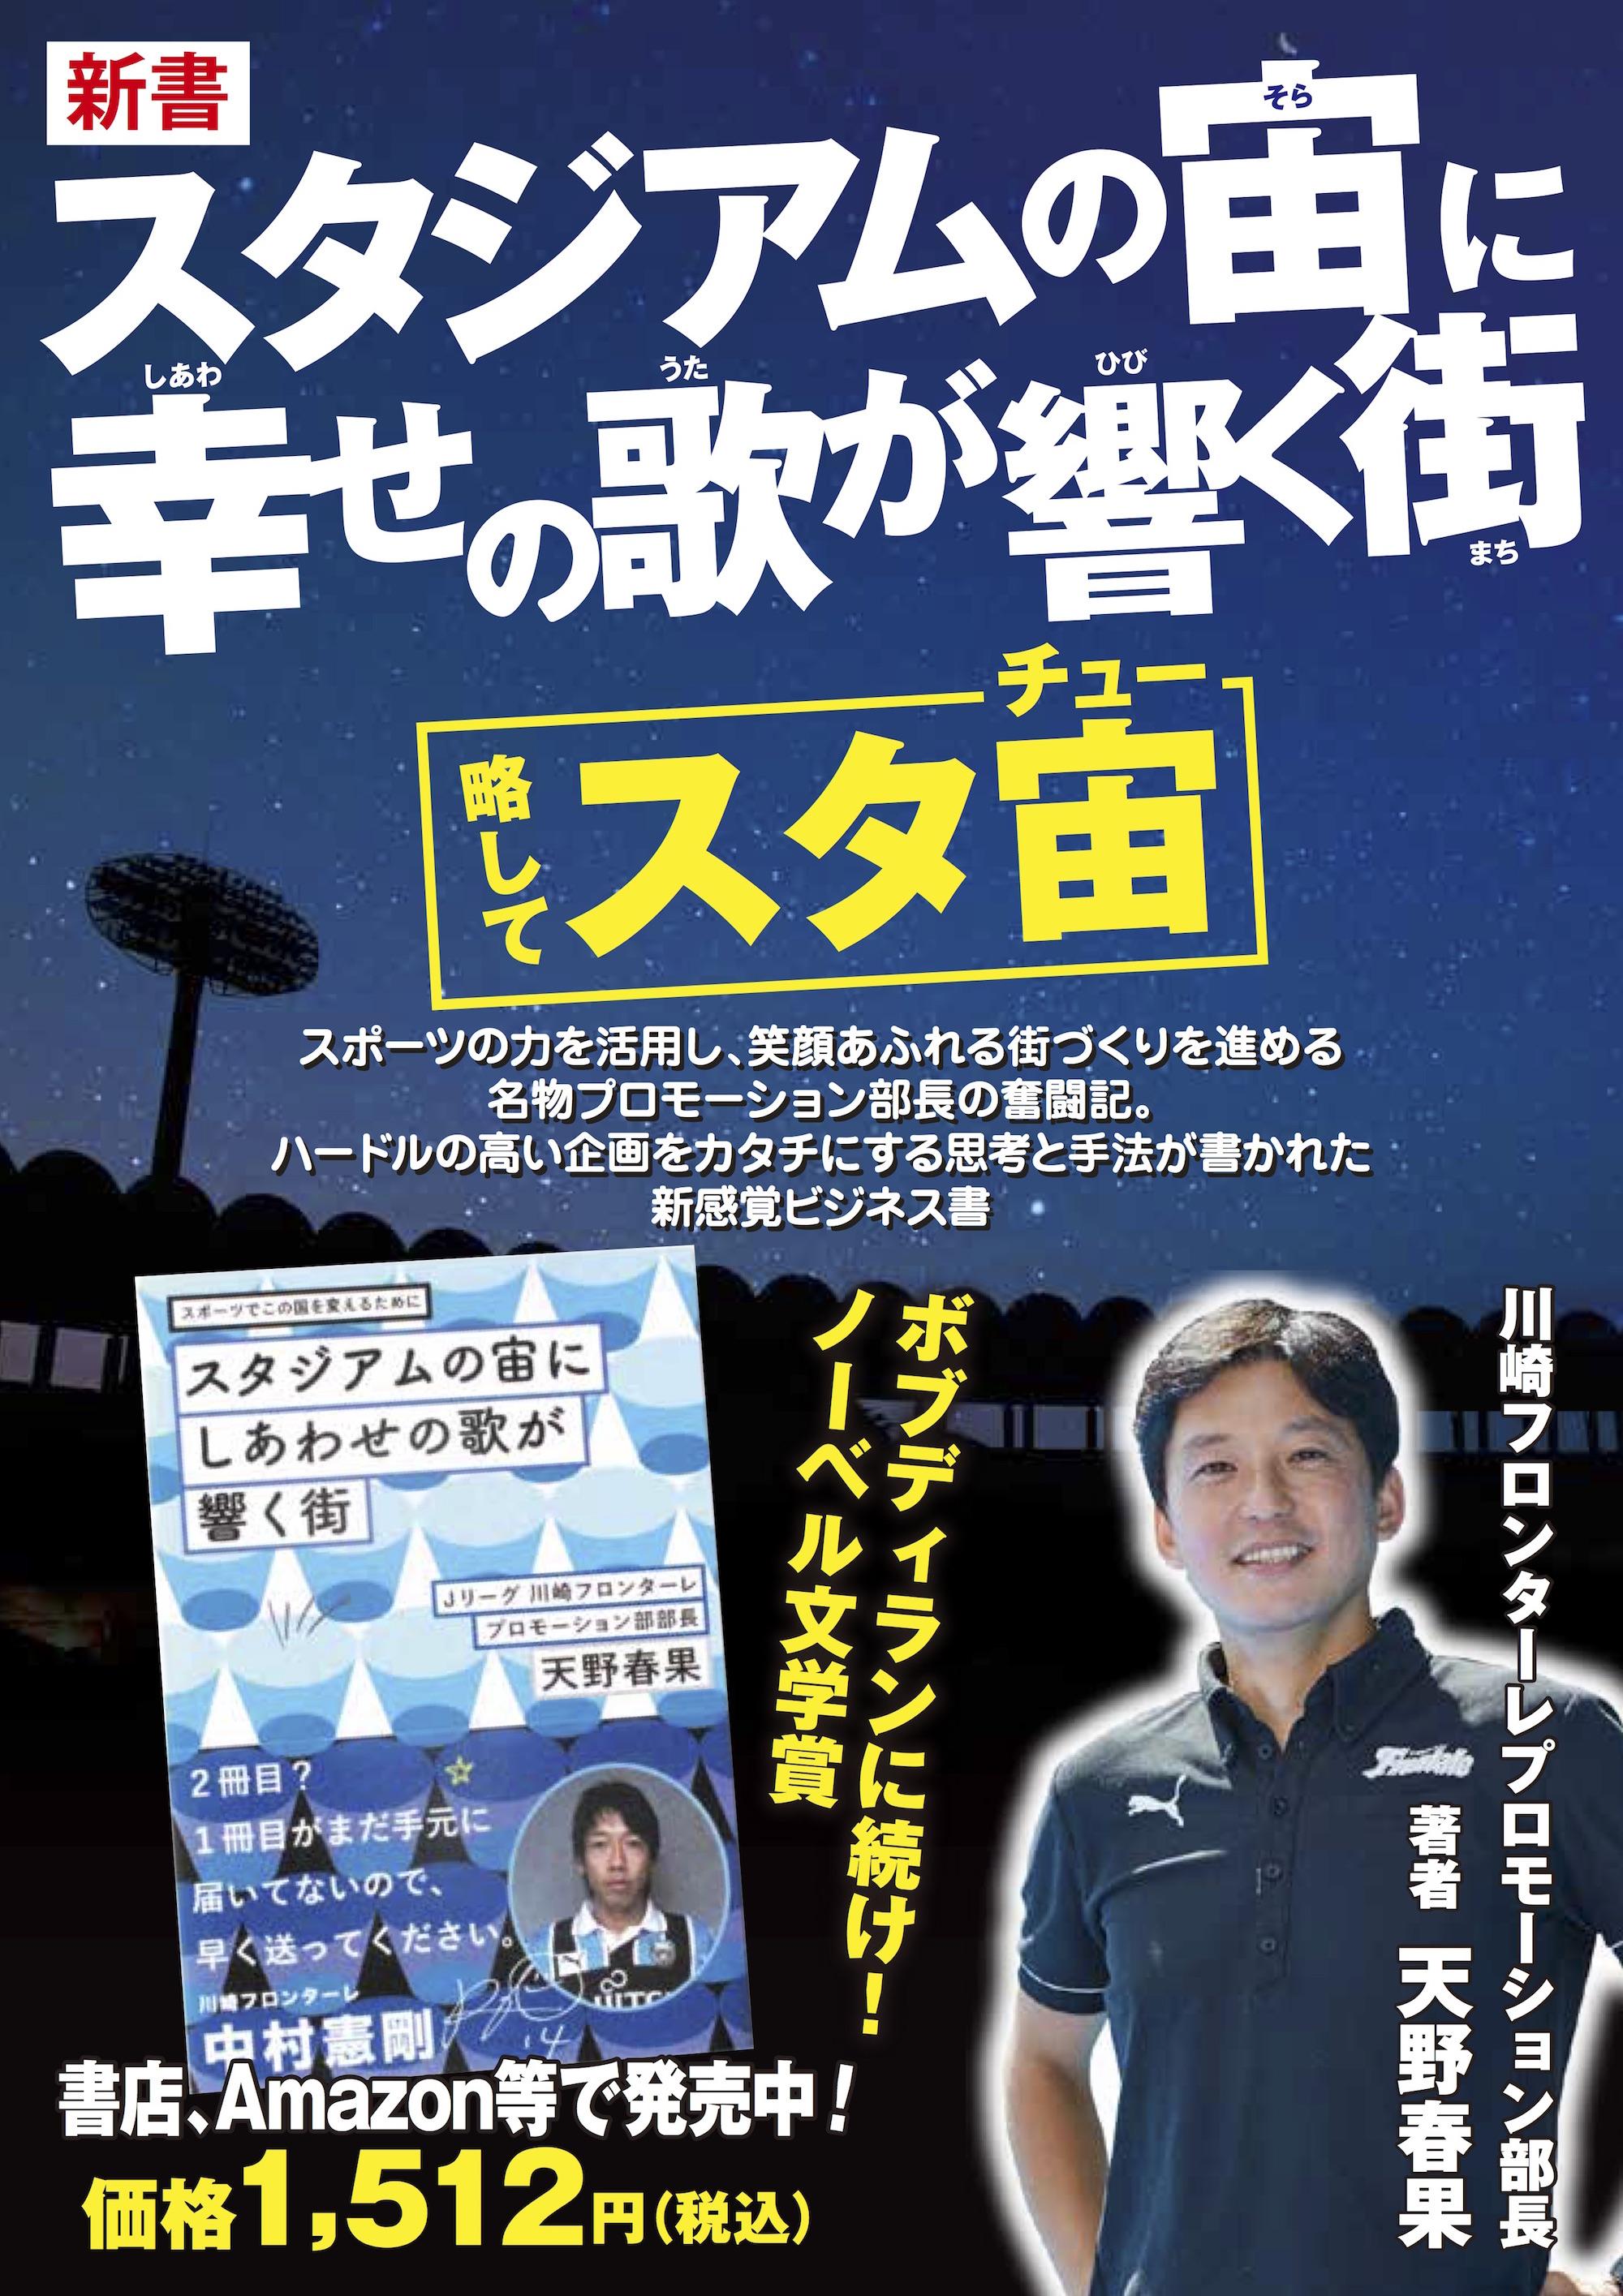 「スタジアムの宙に幸せの歌が響く街」を書いた天野春果さん